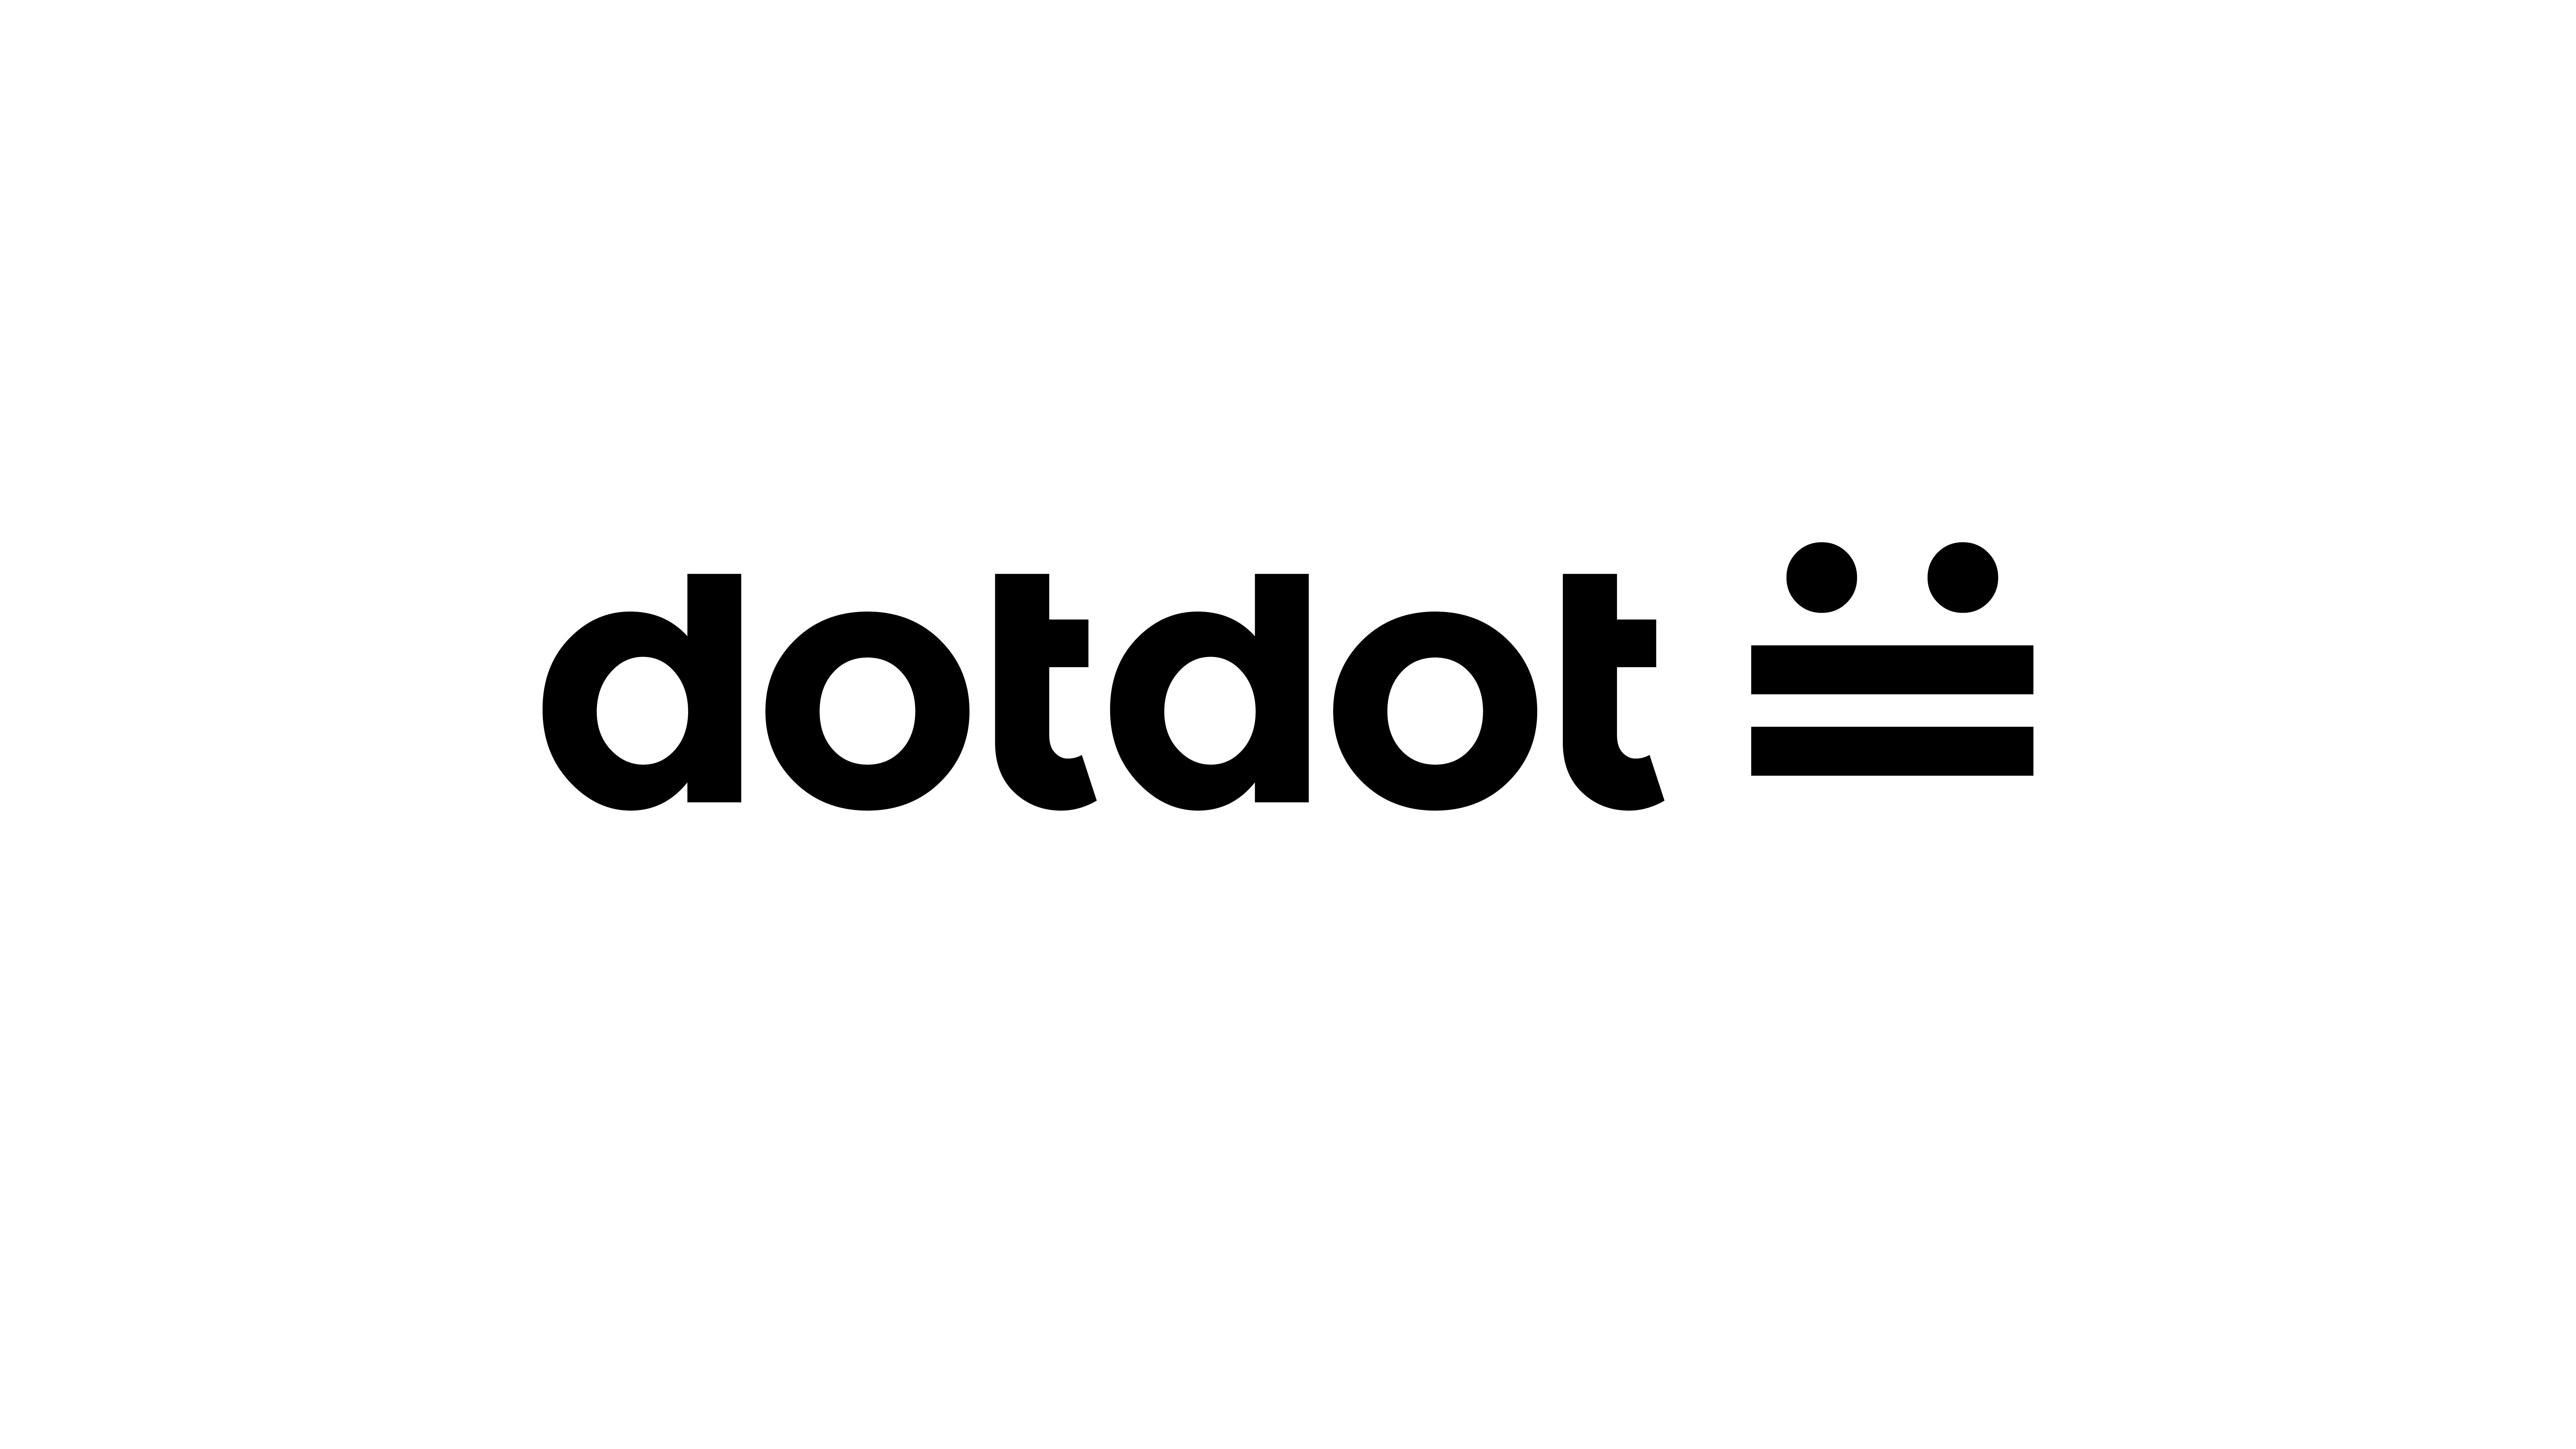 00_dotdot-lockup